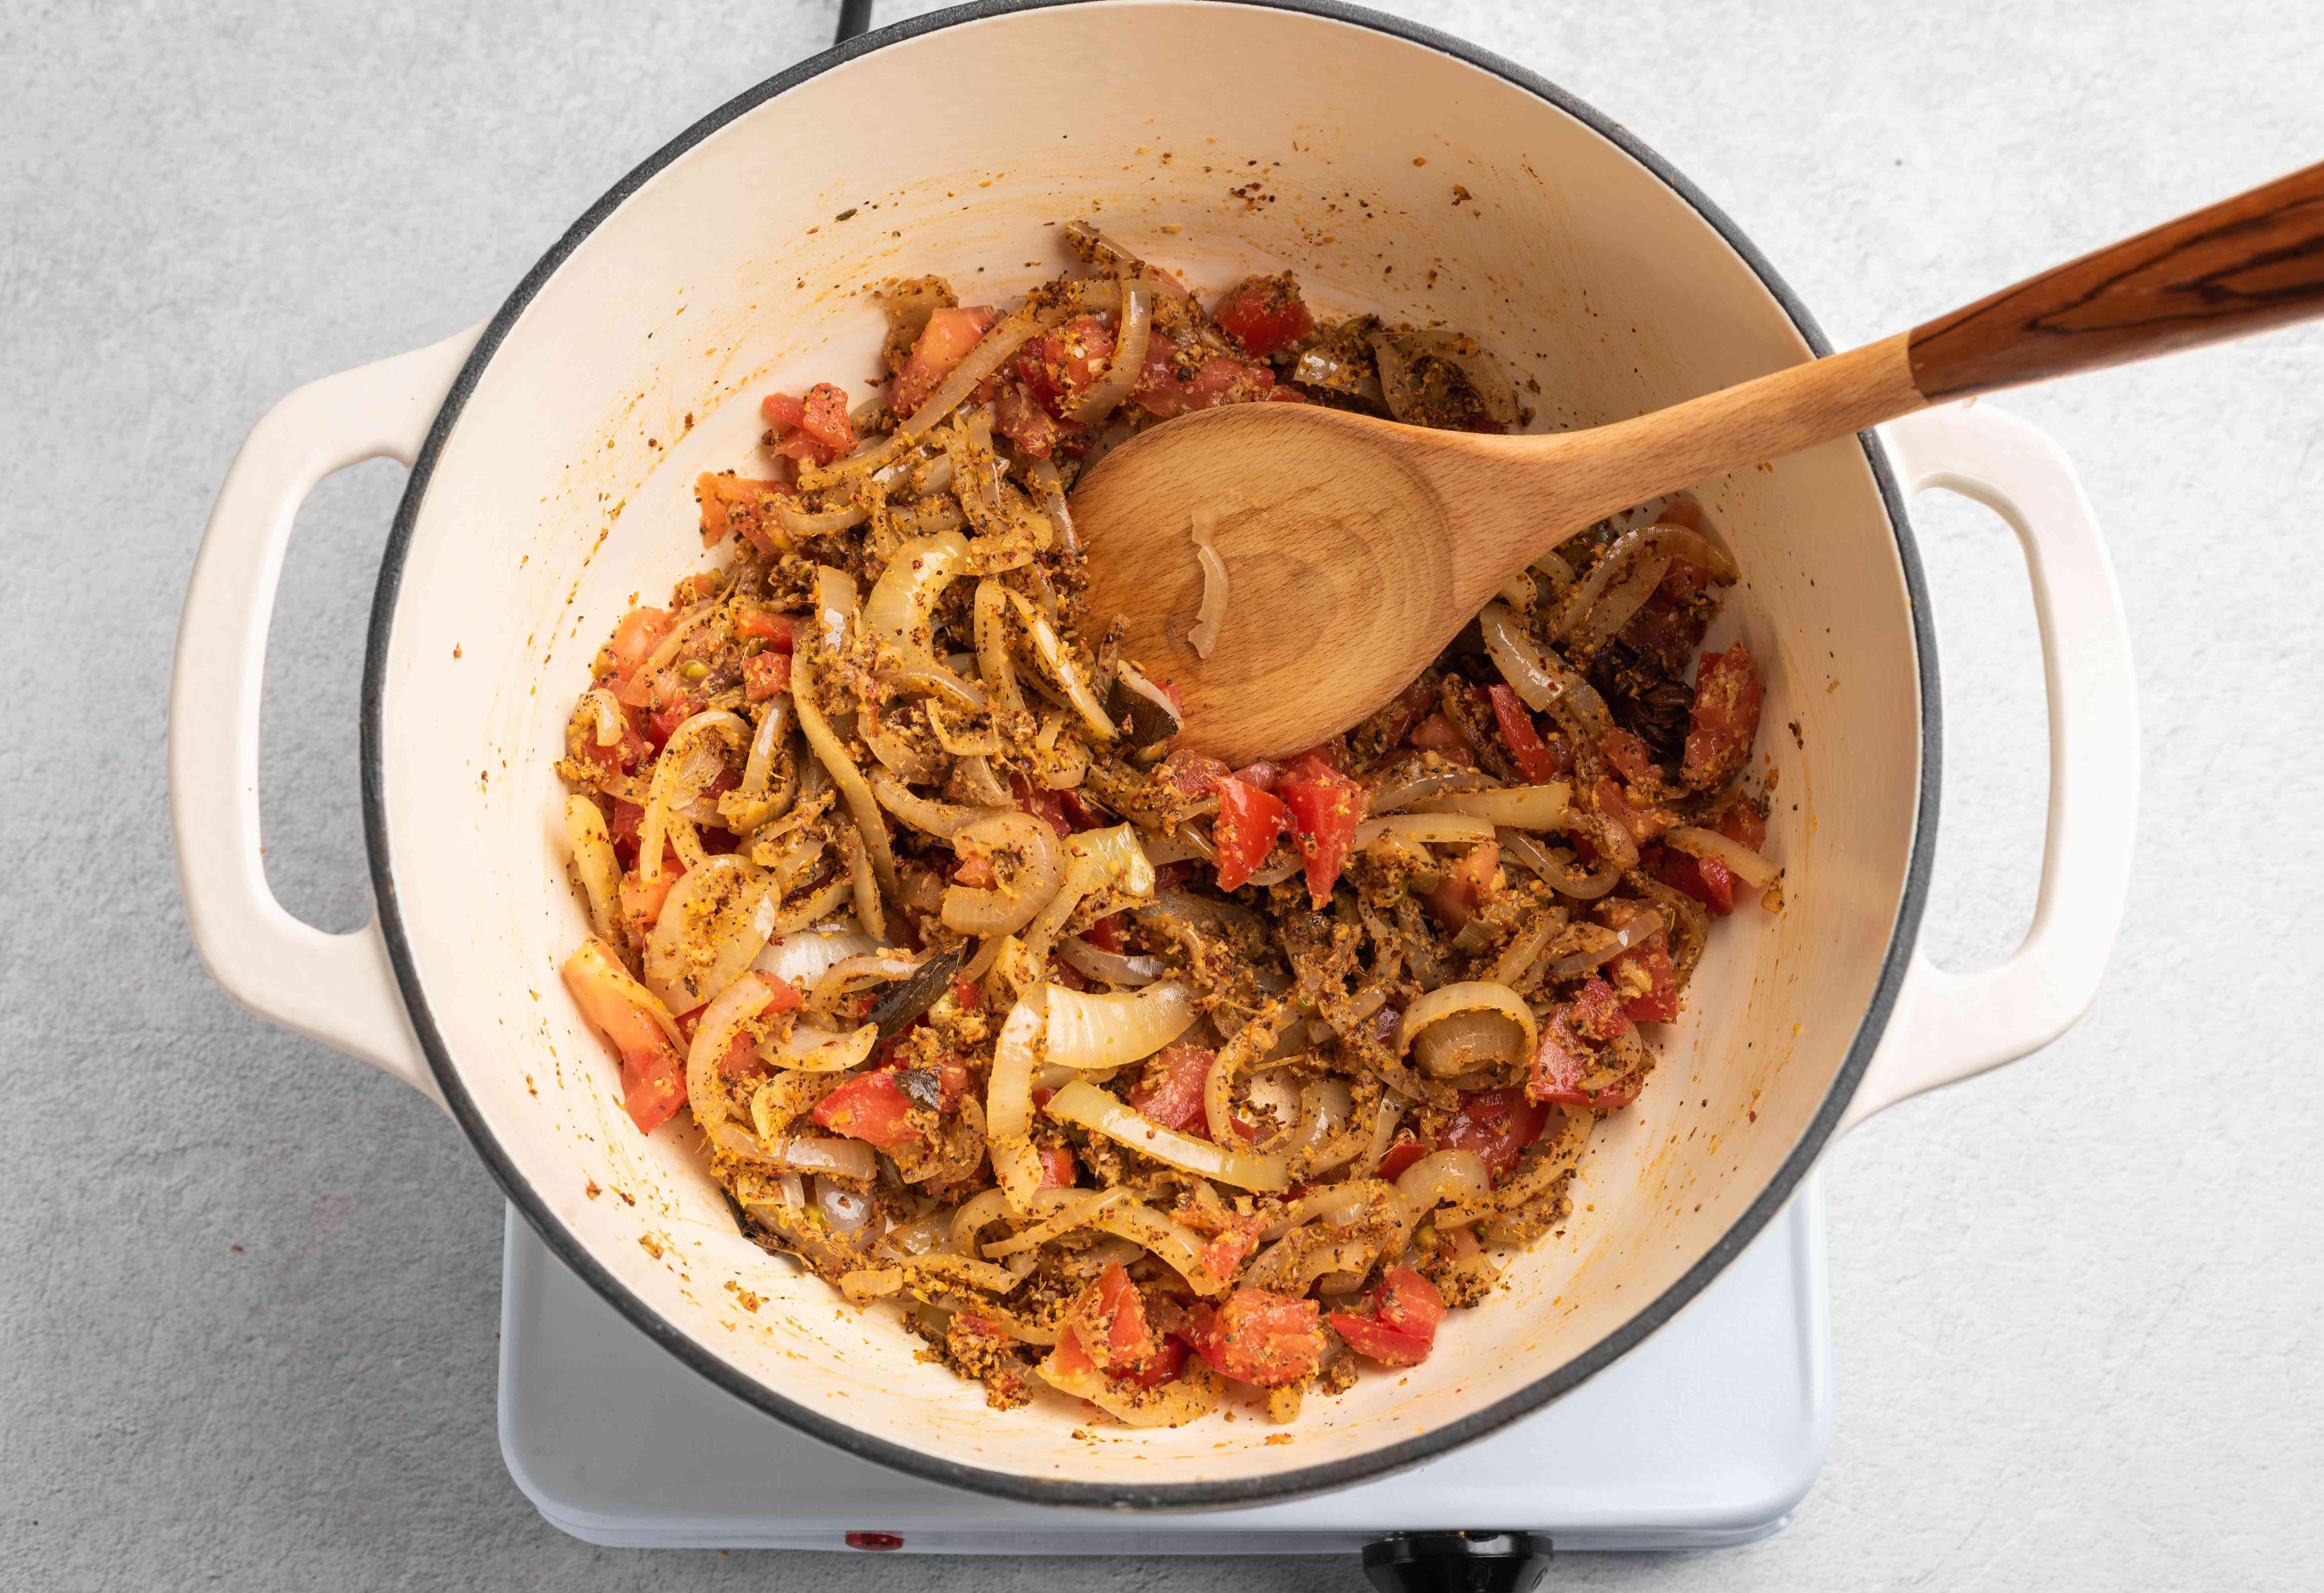 Add chili powder